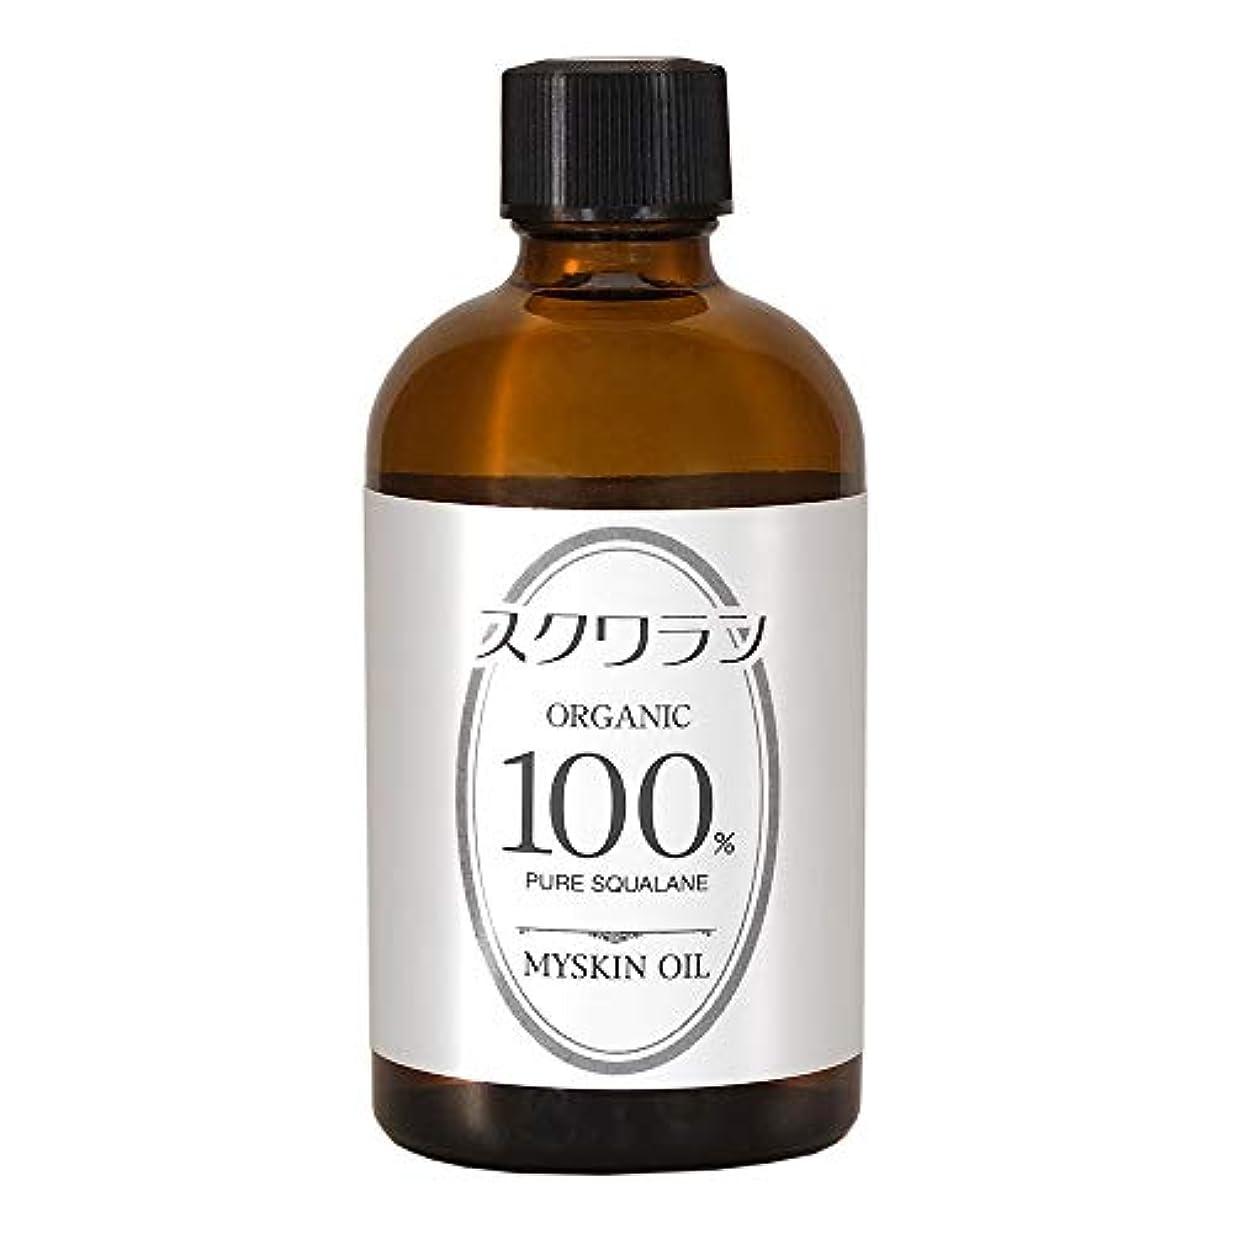 故障間欠針MYSKIN(マイスキン) スクワランオイル 120ml【植物由来】【無添加】